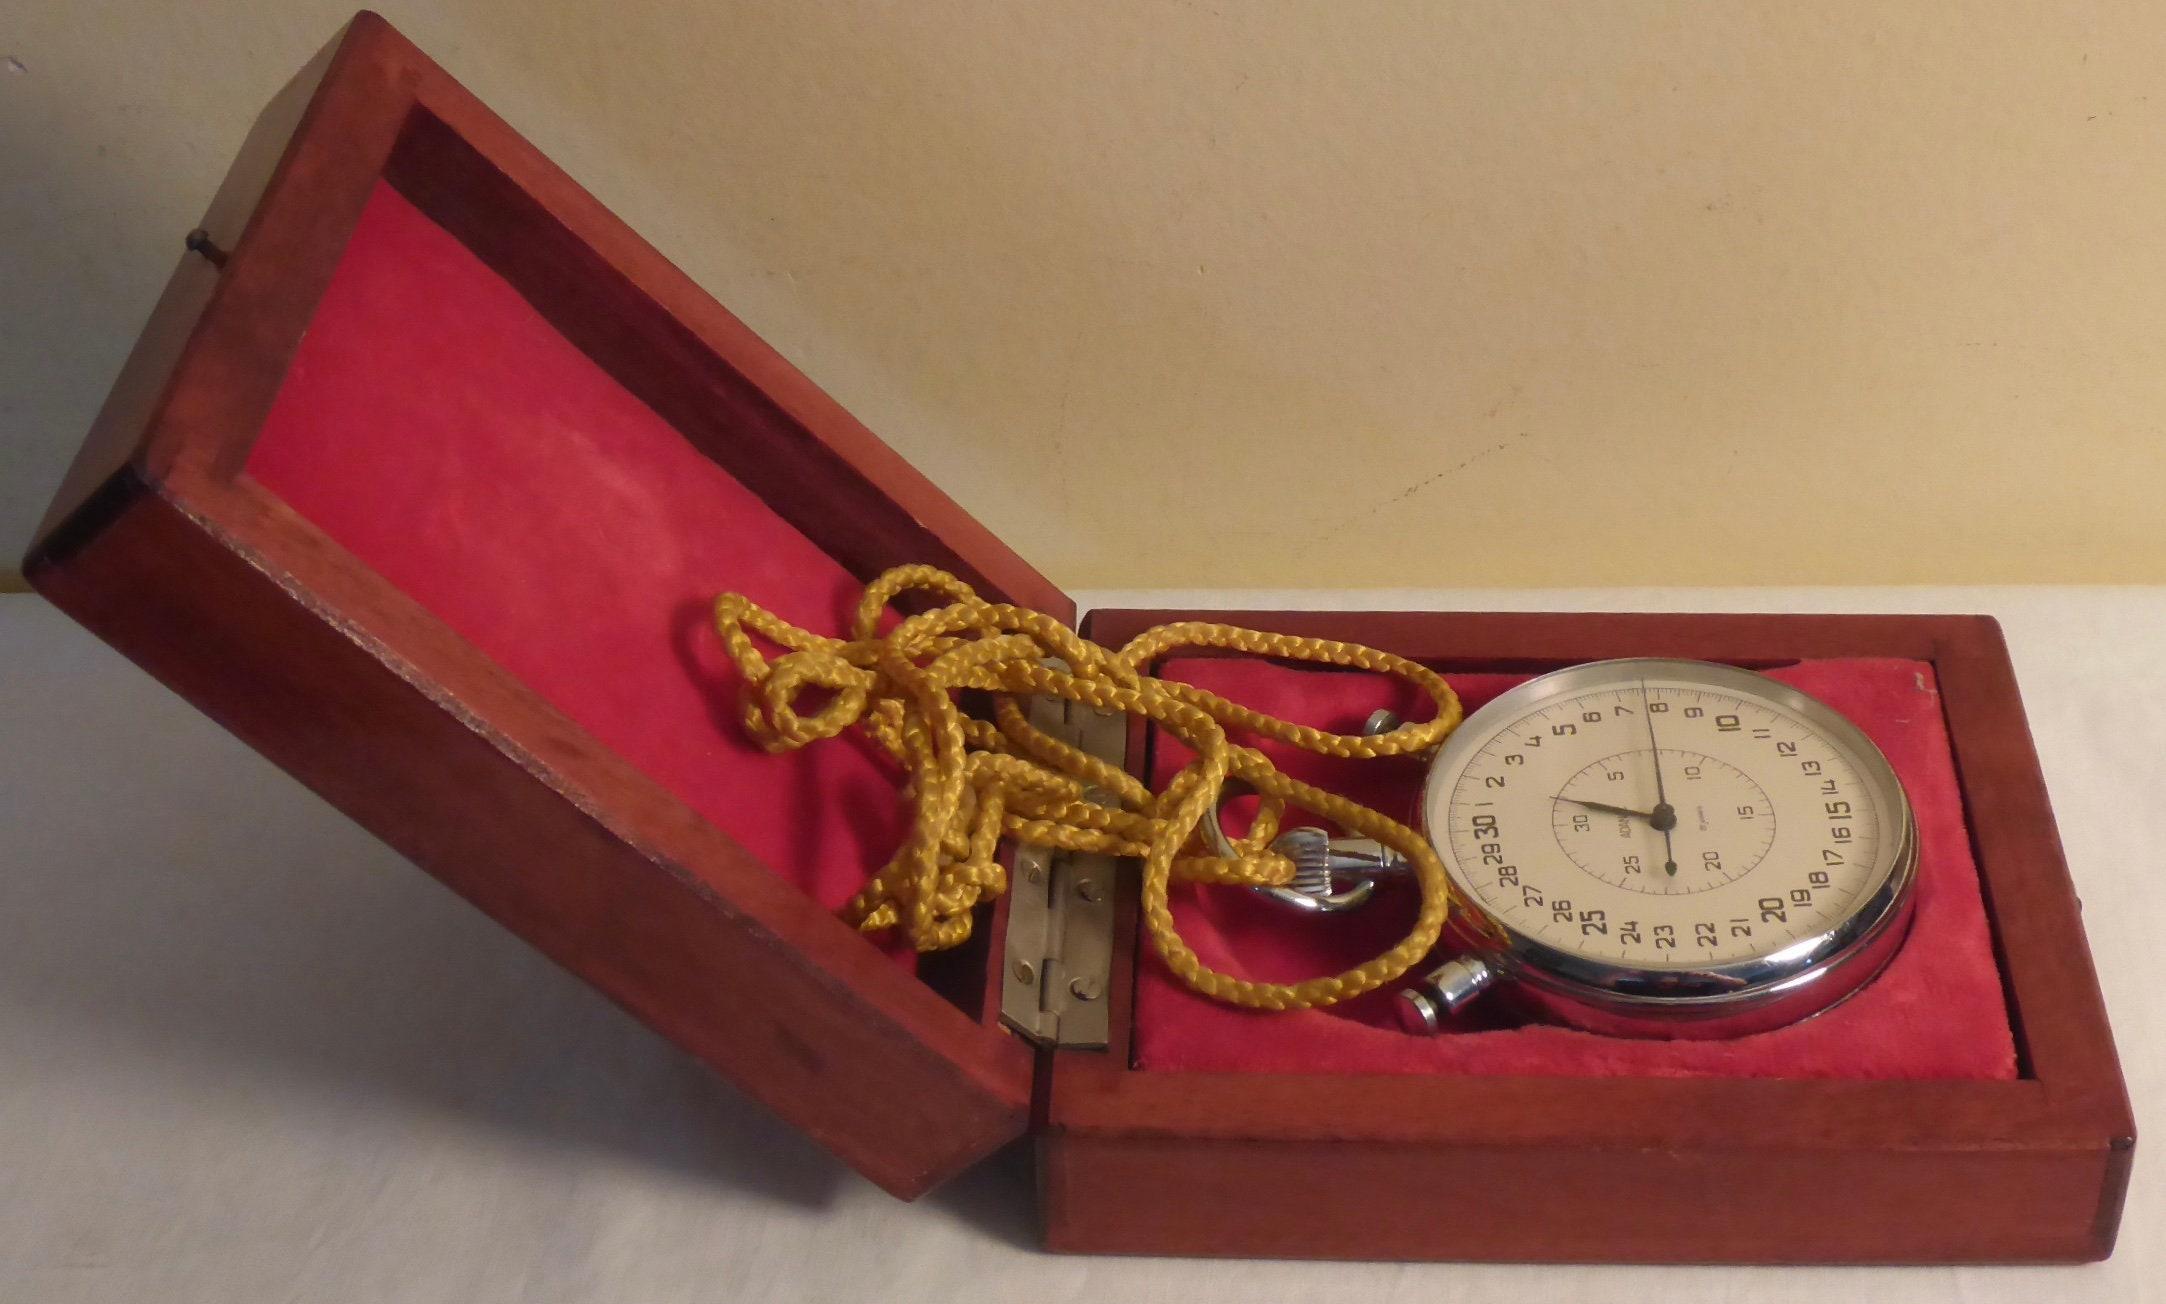 Vintage Adanac 20 Jewel Stopwatch in Original Wooden Case